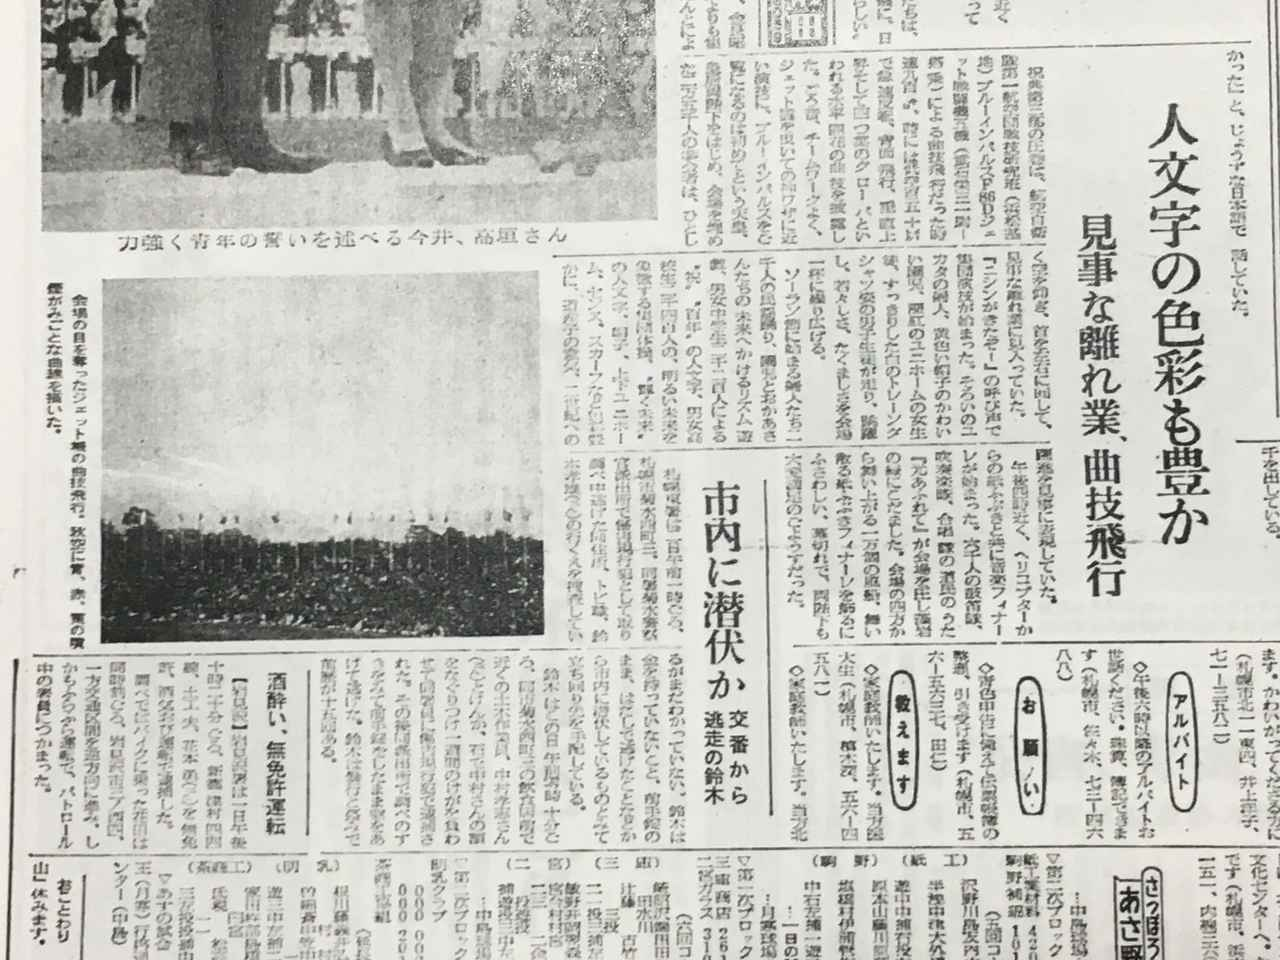 画像: 北海タイムス夕刊のレベルオープナー(水平開花)の写真は、マイクロフィルムが不鮮明なのかスモークの軌跡が良く見えない。